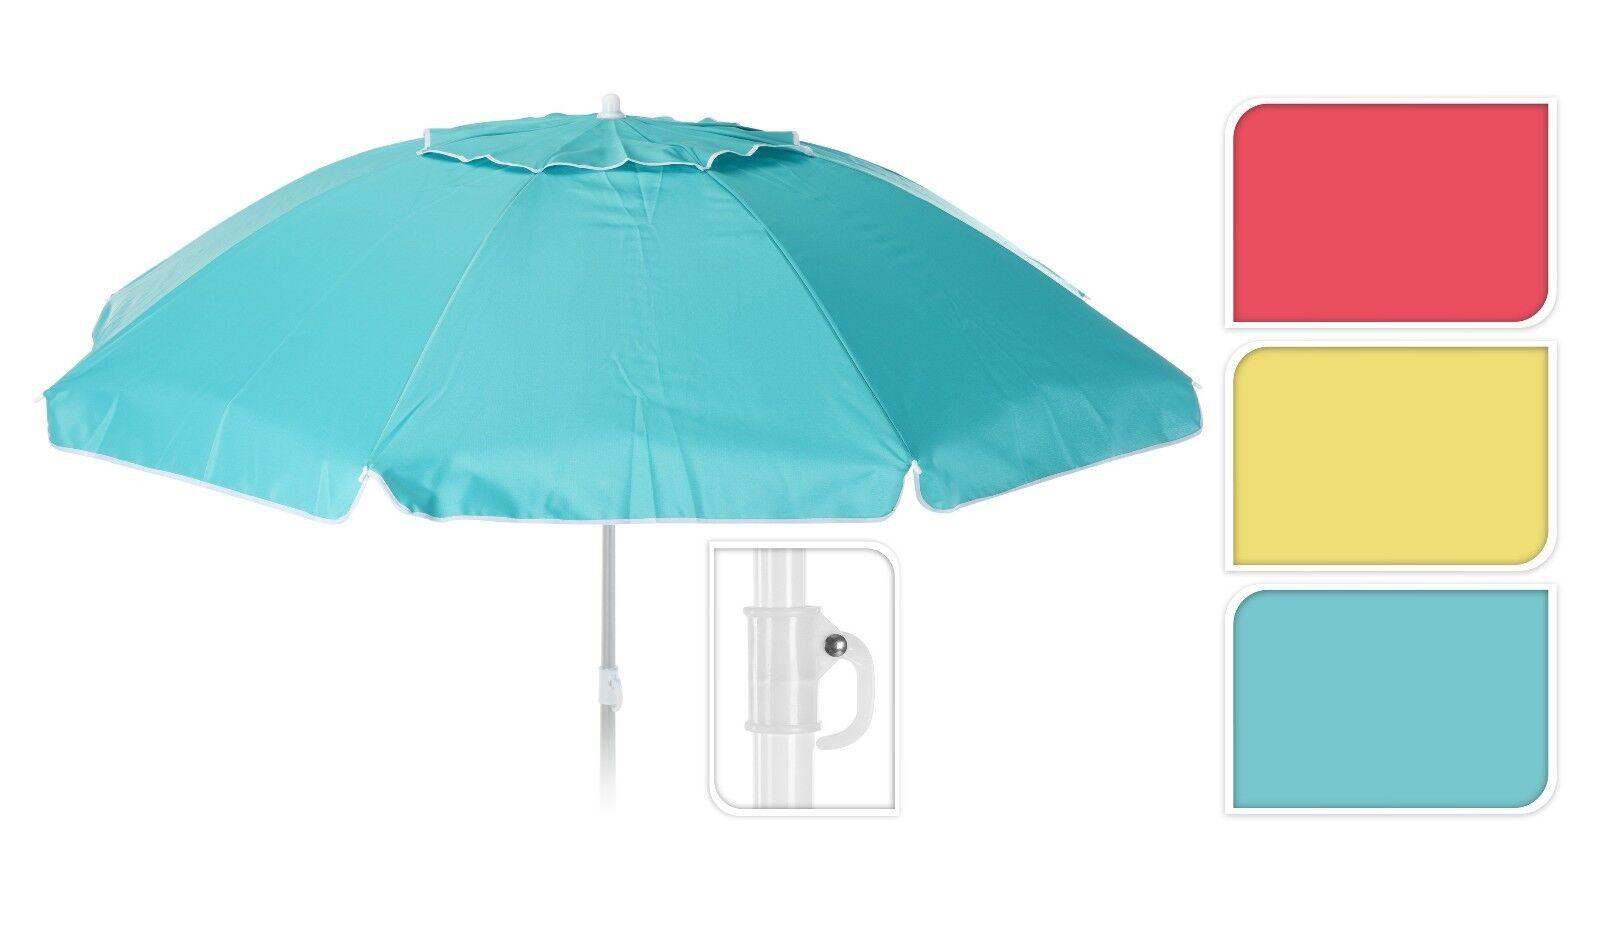 Uv Schutz Sonnenschirm Test Vergleich Uv Schutz Sonnenschirm